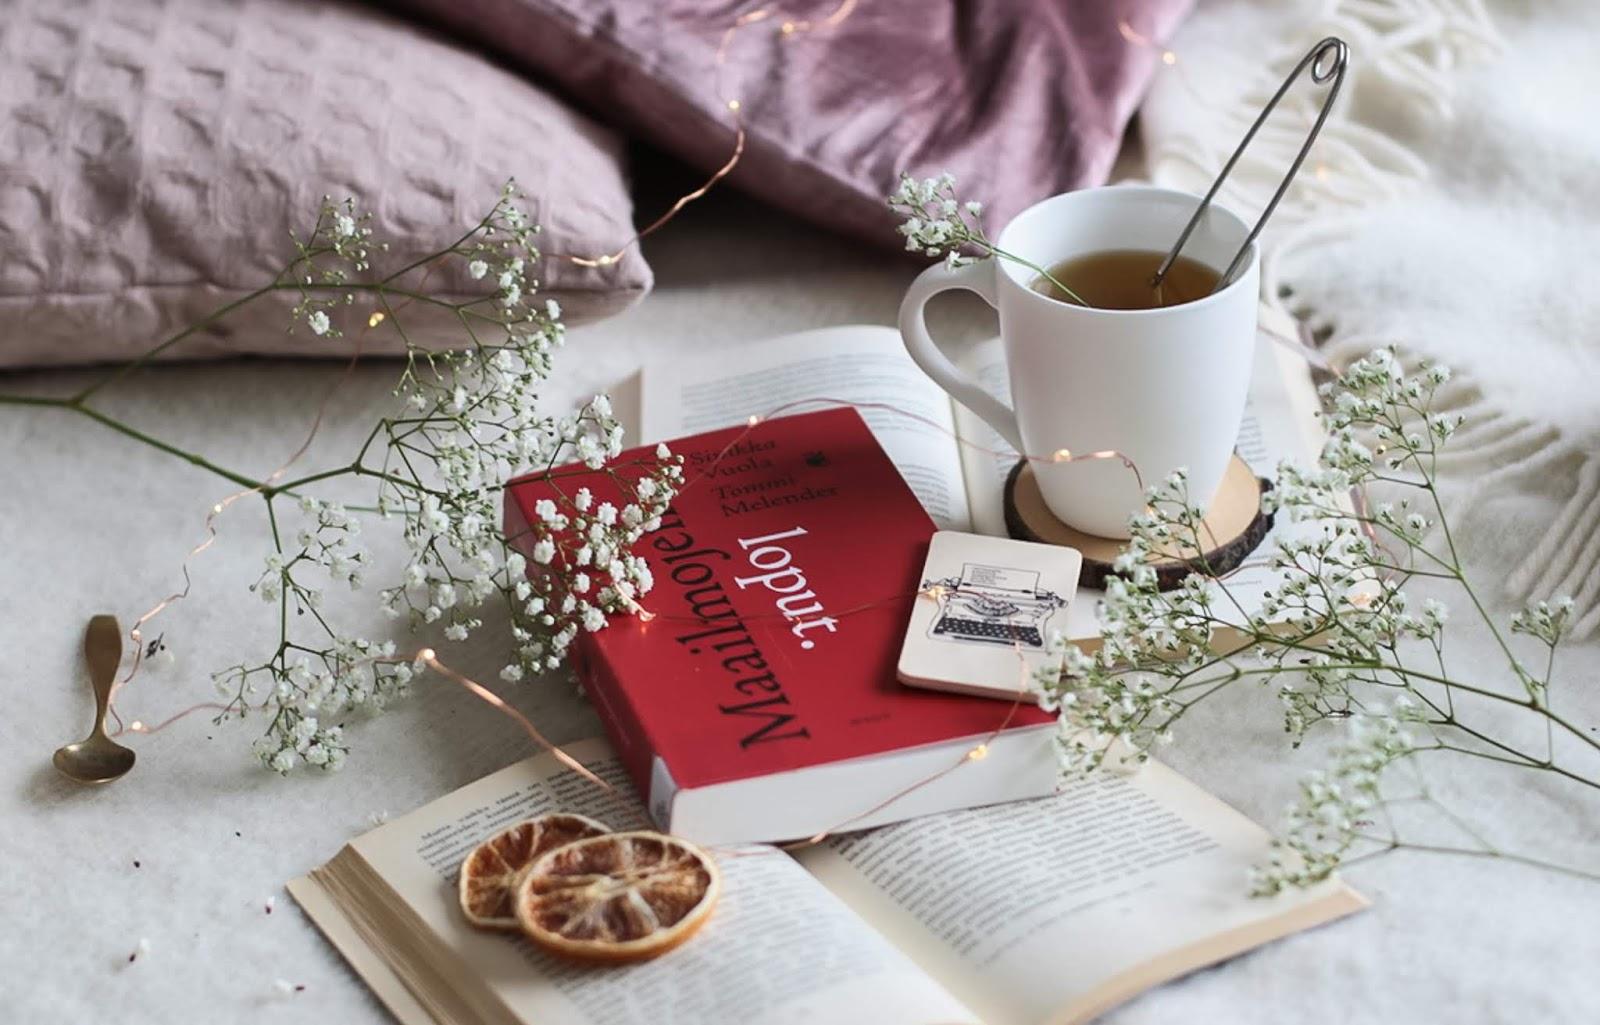 Sinikka Vuola ja Tommi Melender väittävät kirjassa Maailmojen loput, että kirjat huononevat loppua kohden.